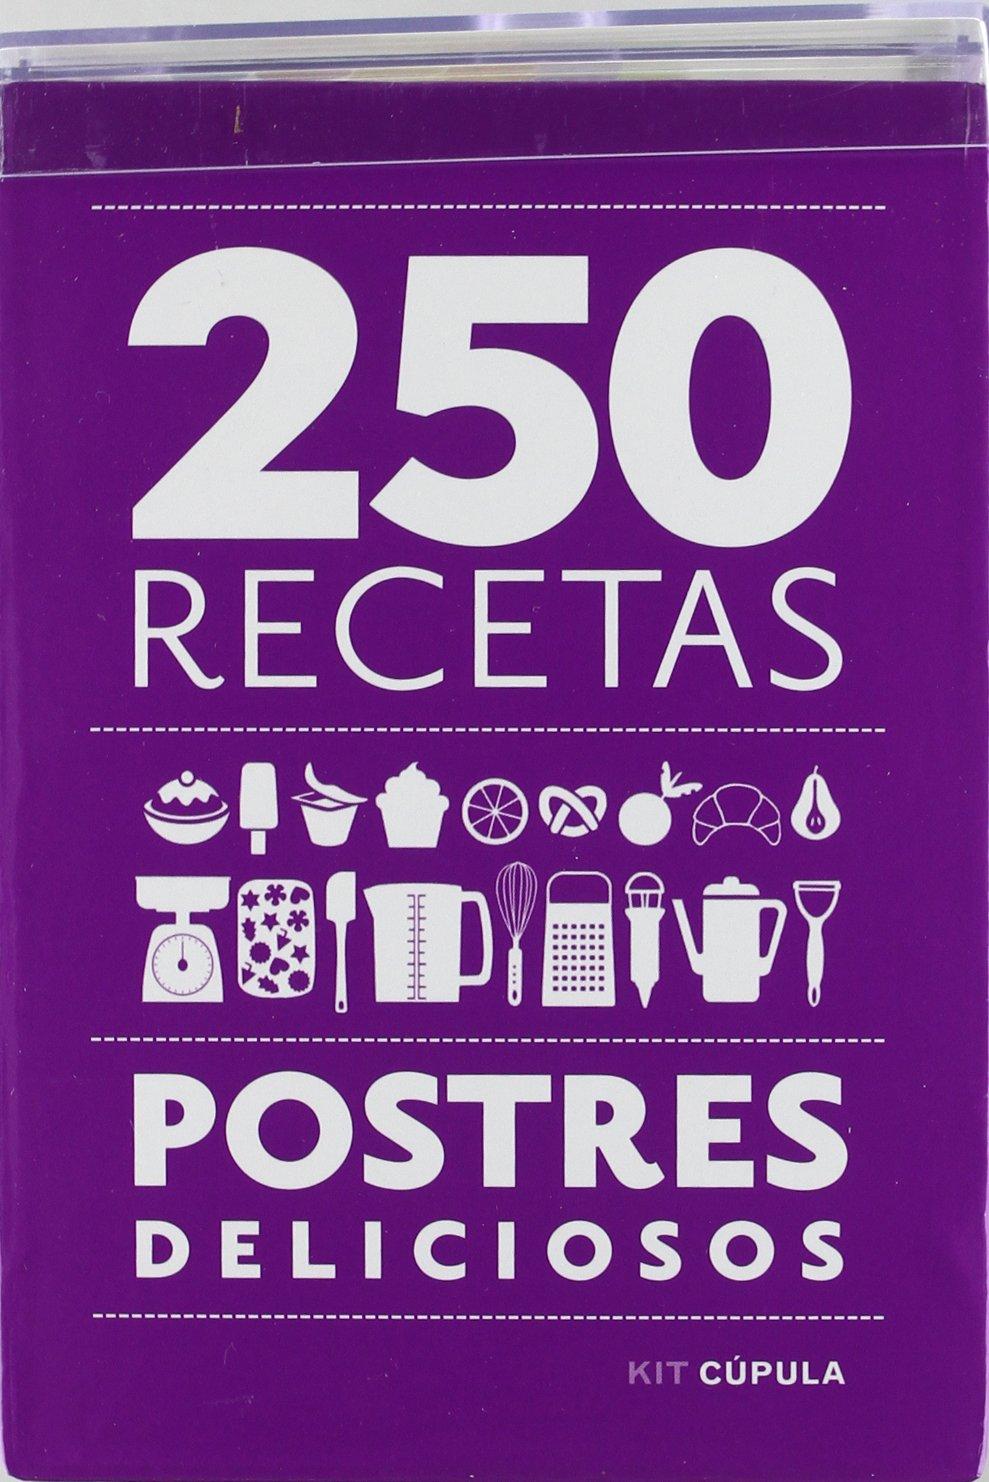 250 recetas. Postres deliciosos (Kits Cúpula): Amazon.es: Victoria Cendagorta Villalba: Libros